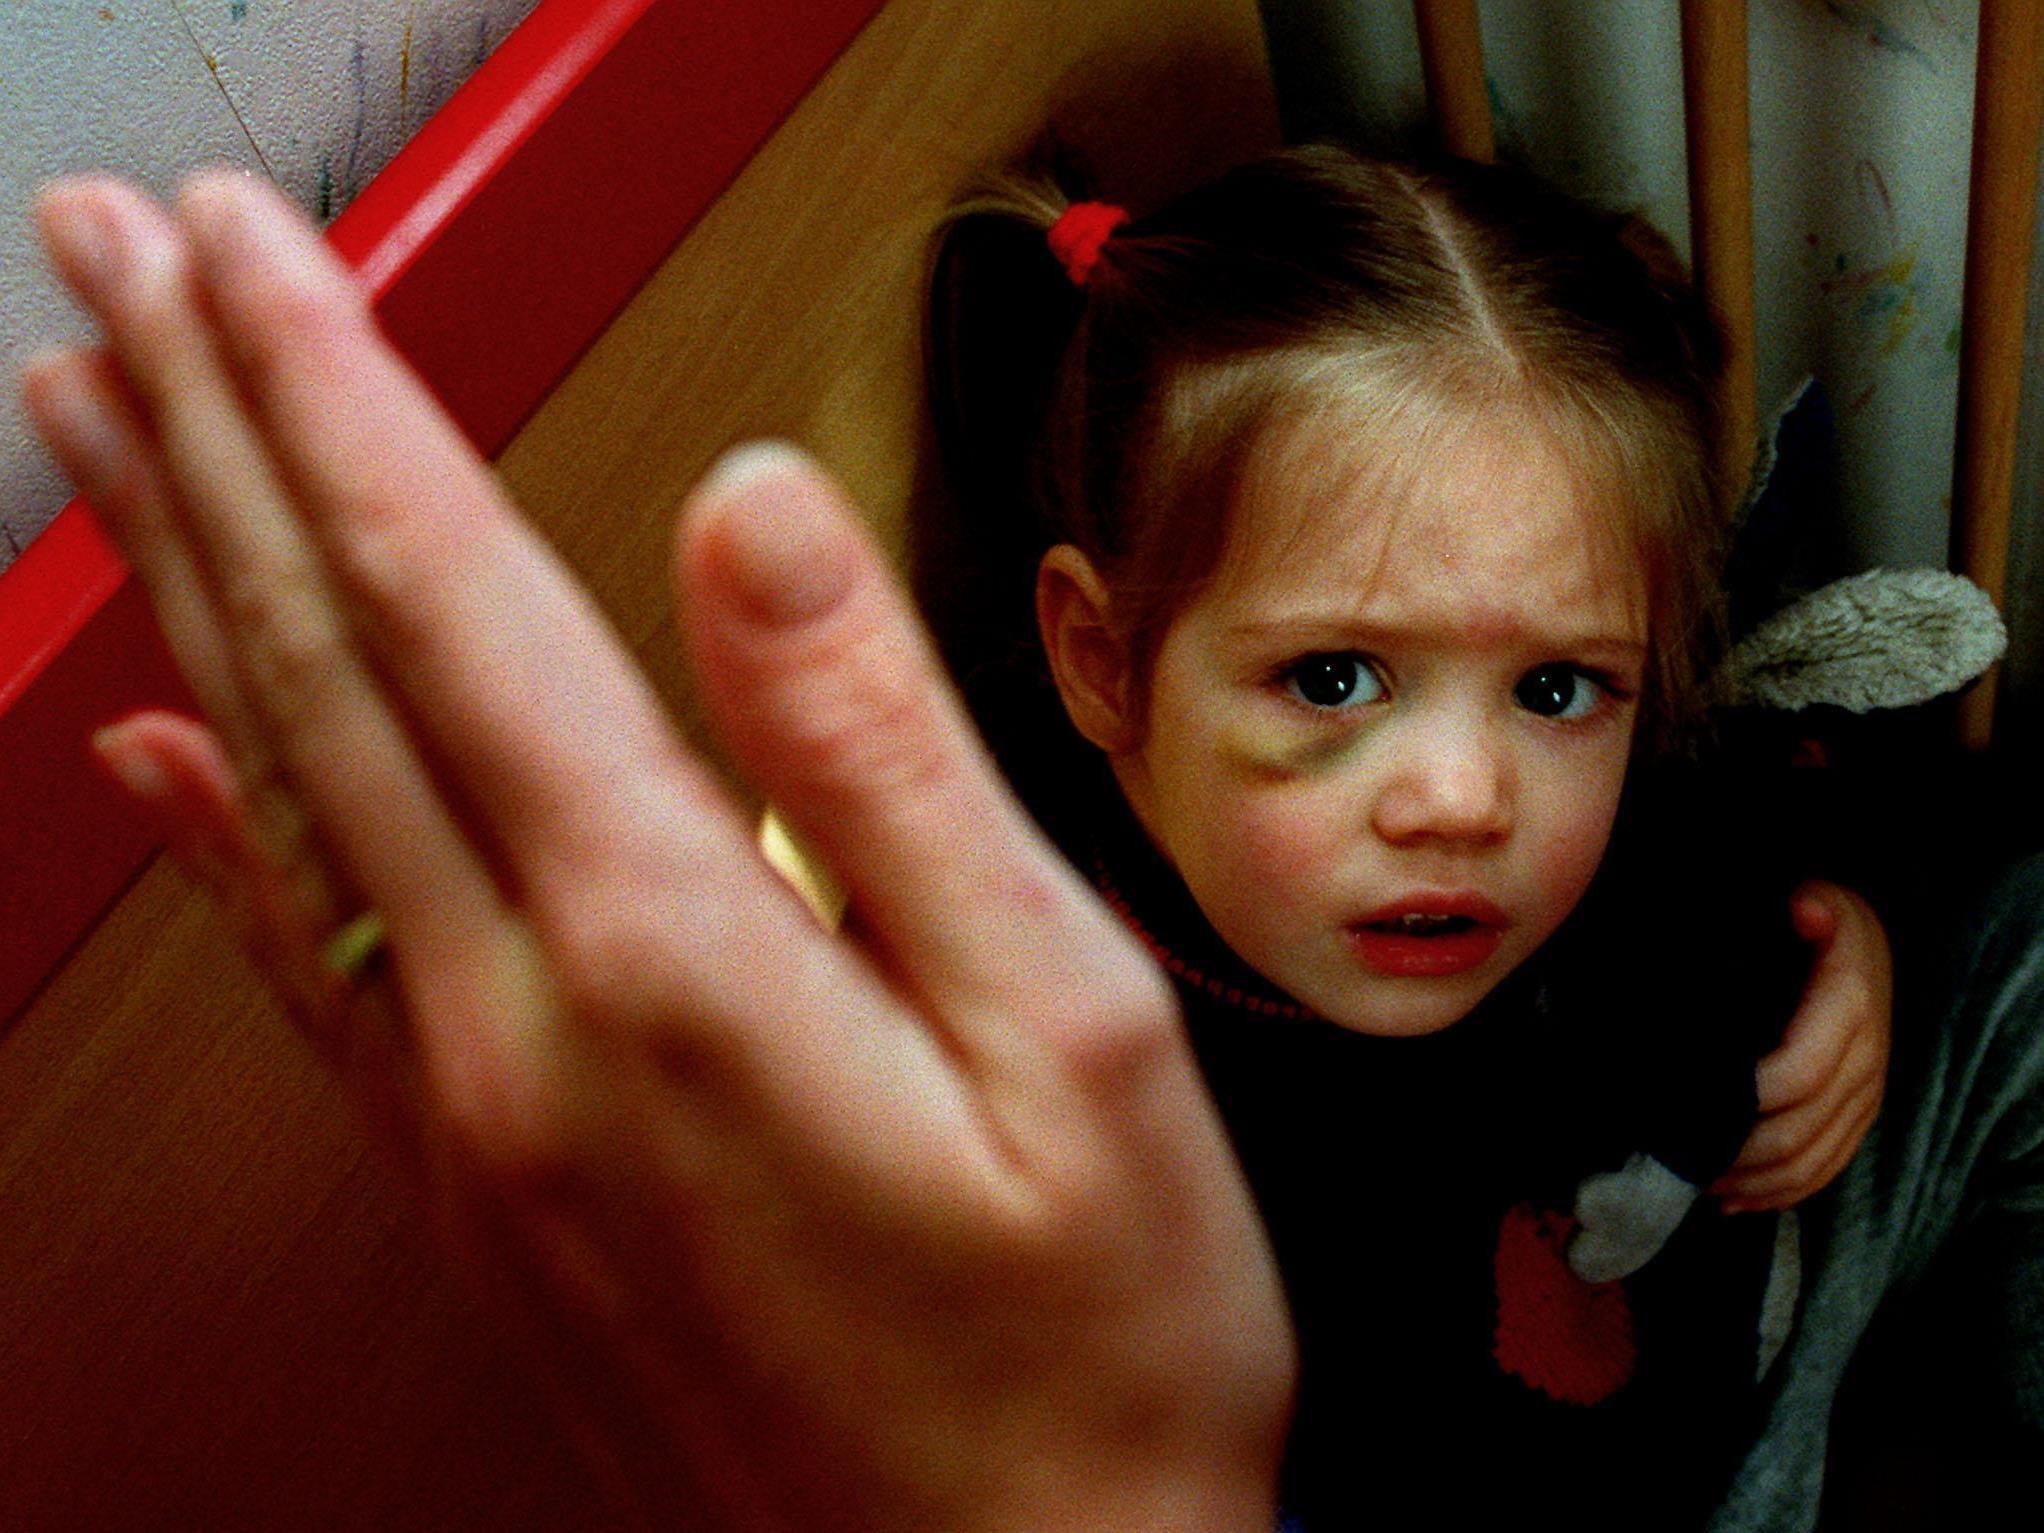 """Siebenjährige muss nach """"Prügelorgie"""" gegen eigenen Vater vor Gericht aussagen."""